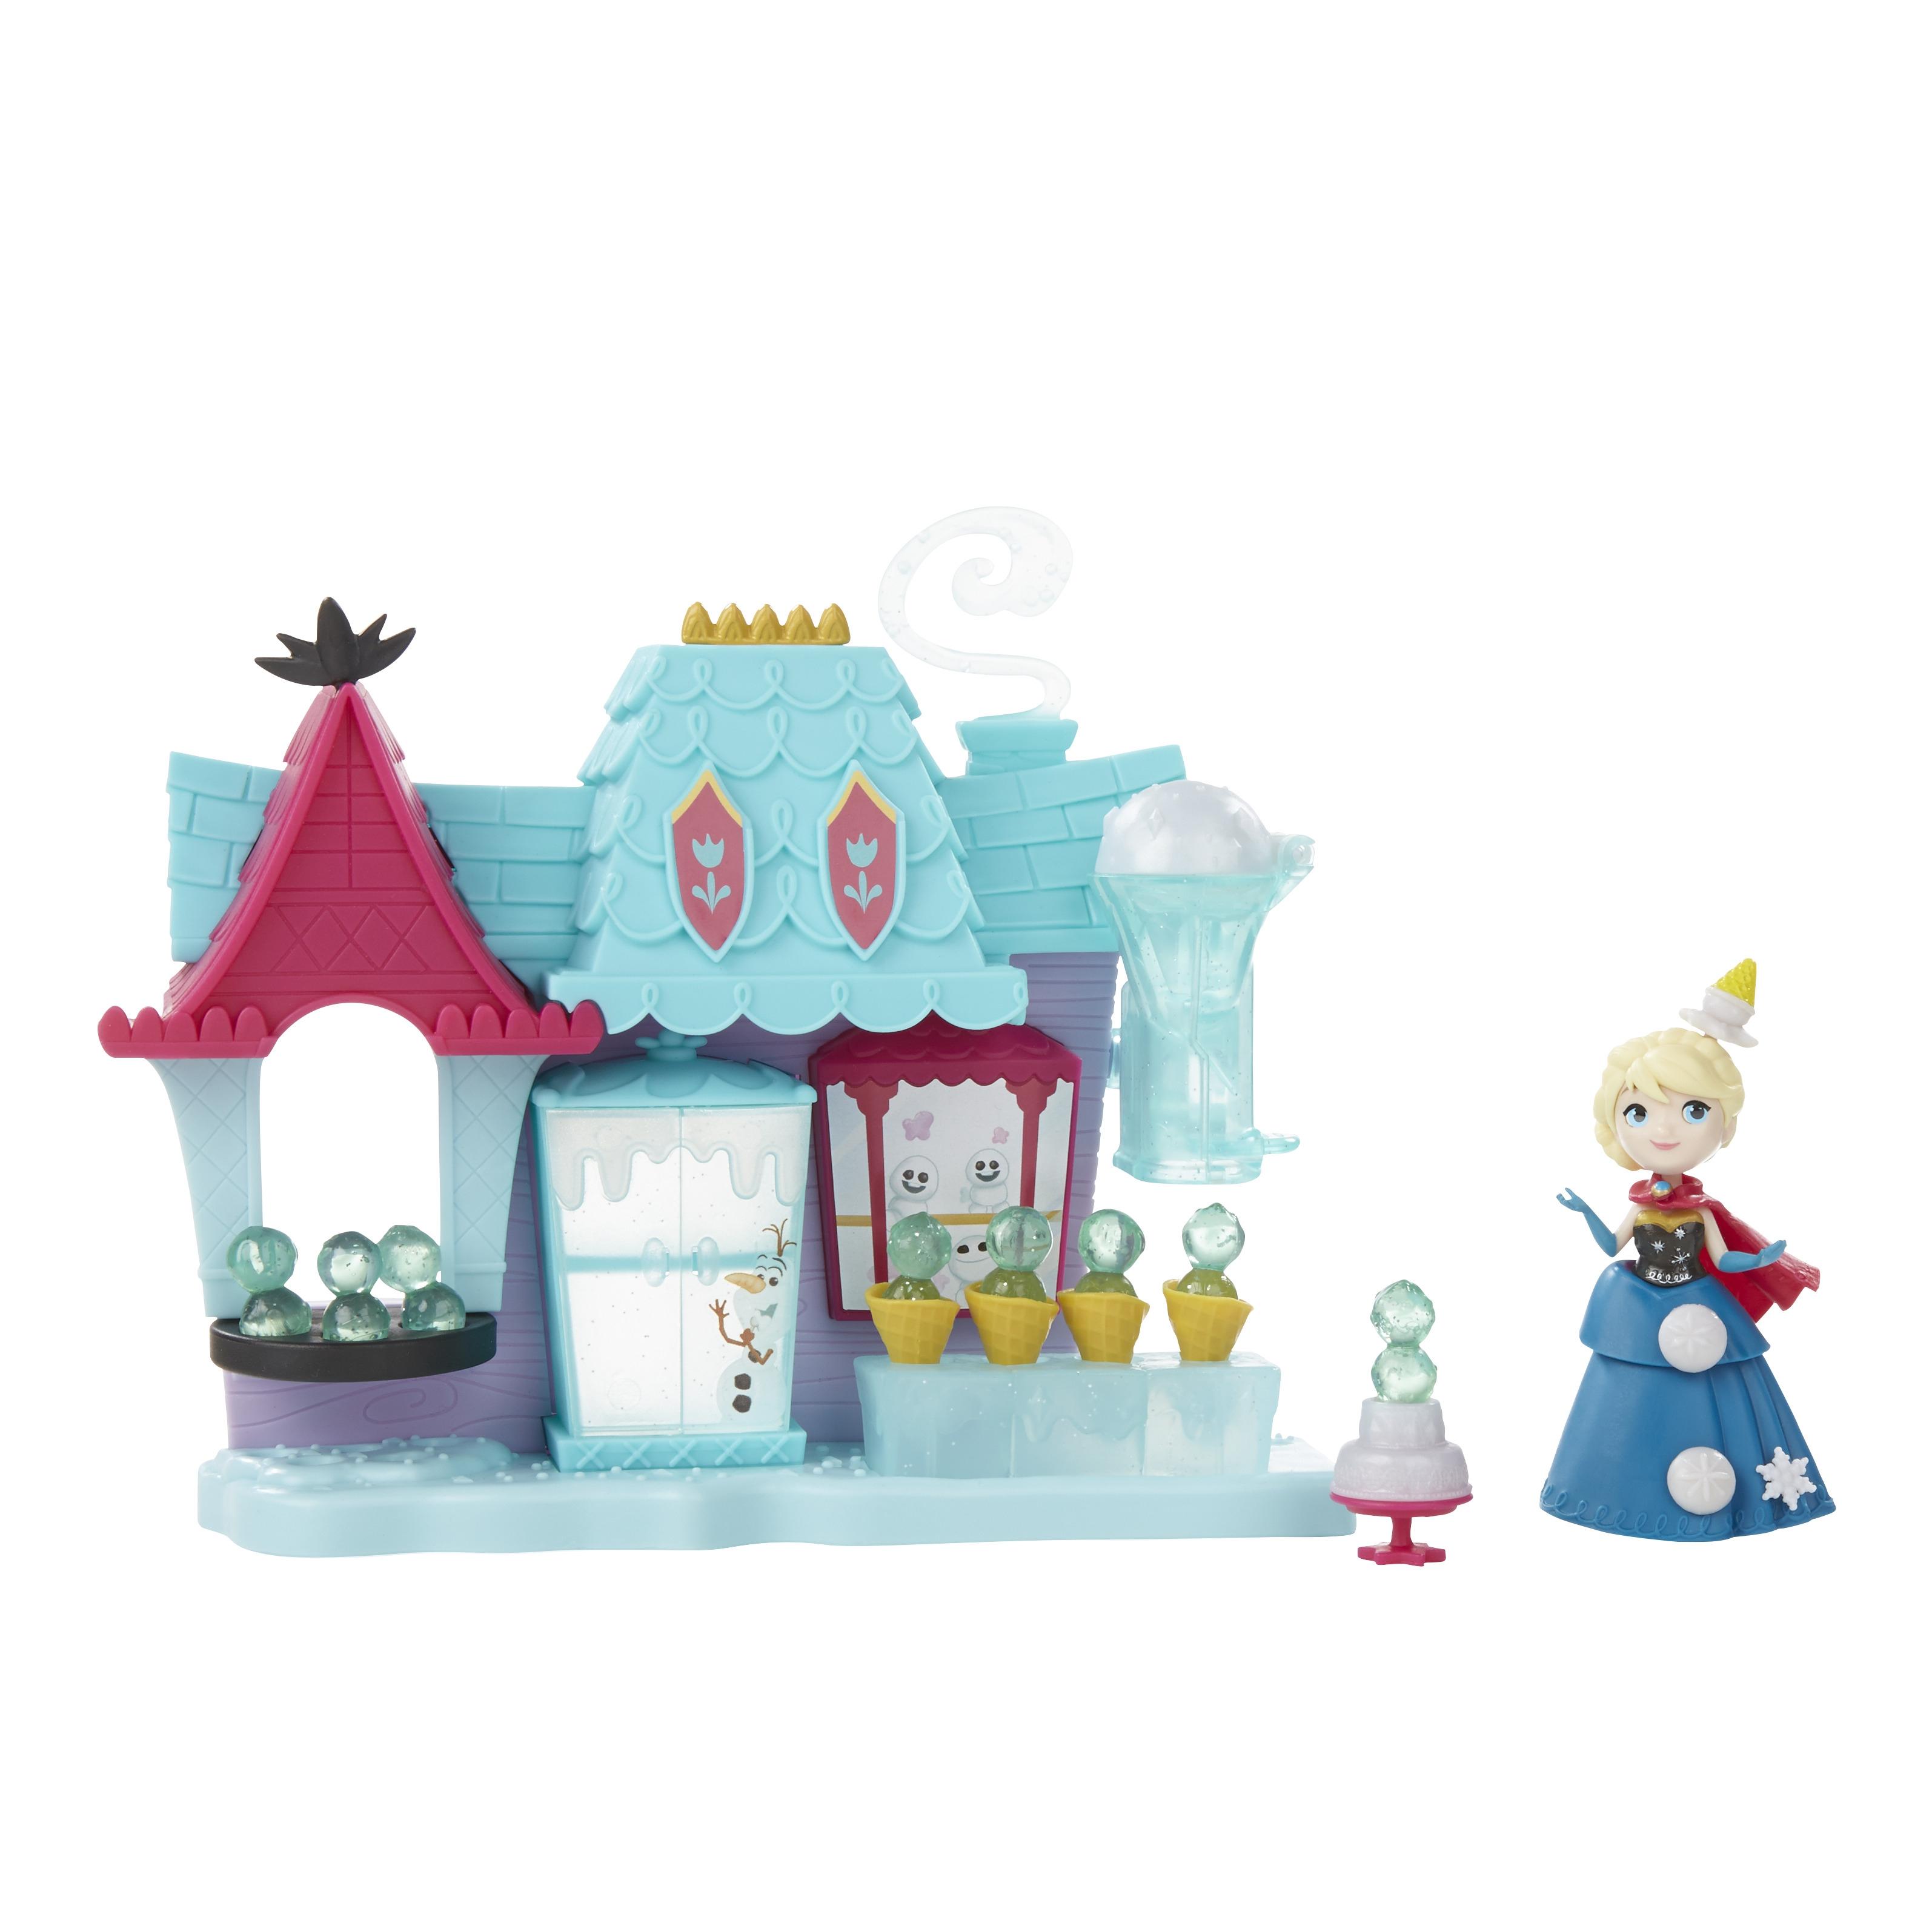 Другие куклы Disney Frozen Холодное сердце с аксессуарами наборы аксессуаров для волос esli комплект аксессуаров для волос lovely floral